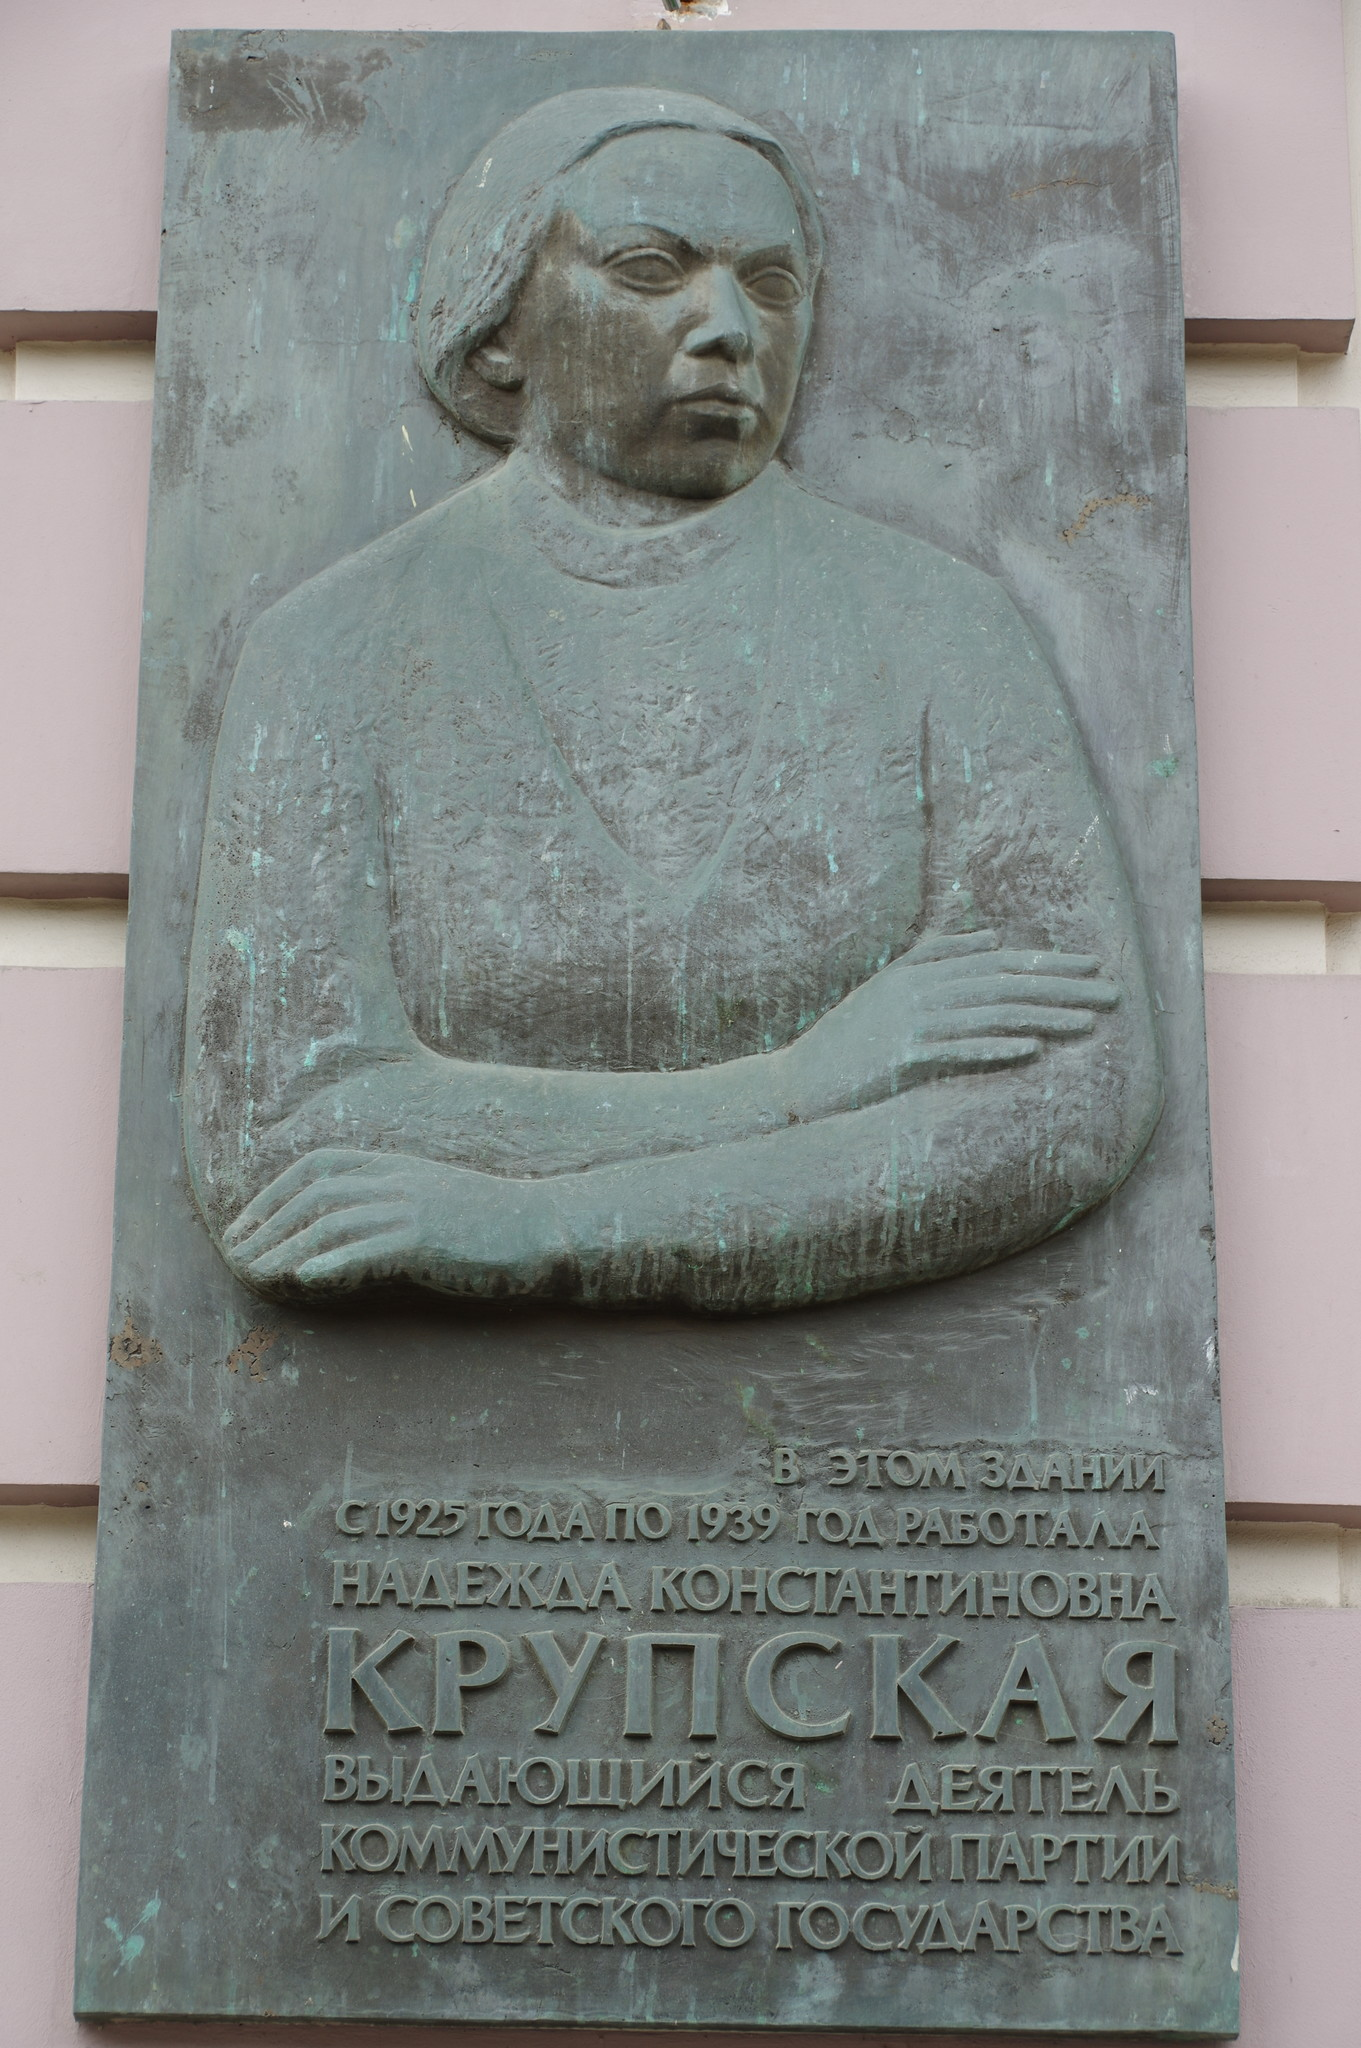 Мемориальная доска на фасаде дома, который в 1925-1939 годах занимал Наркомпрос, где в те же годы работала Надежда Константиновна Крупская